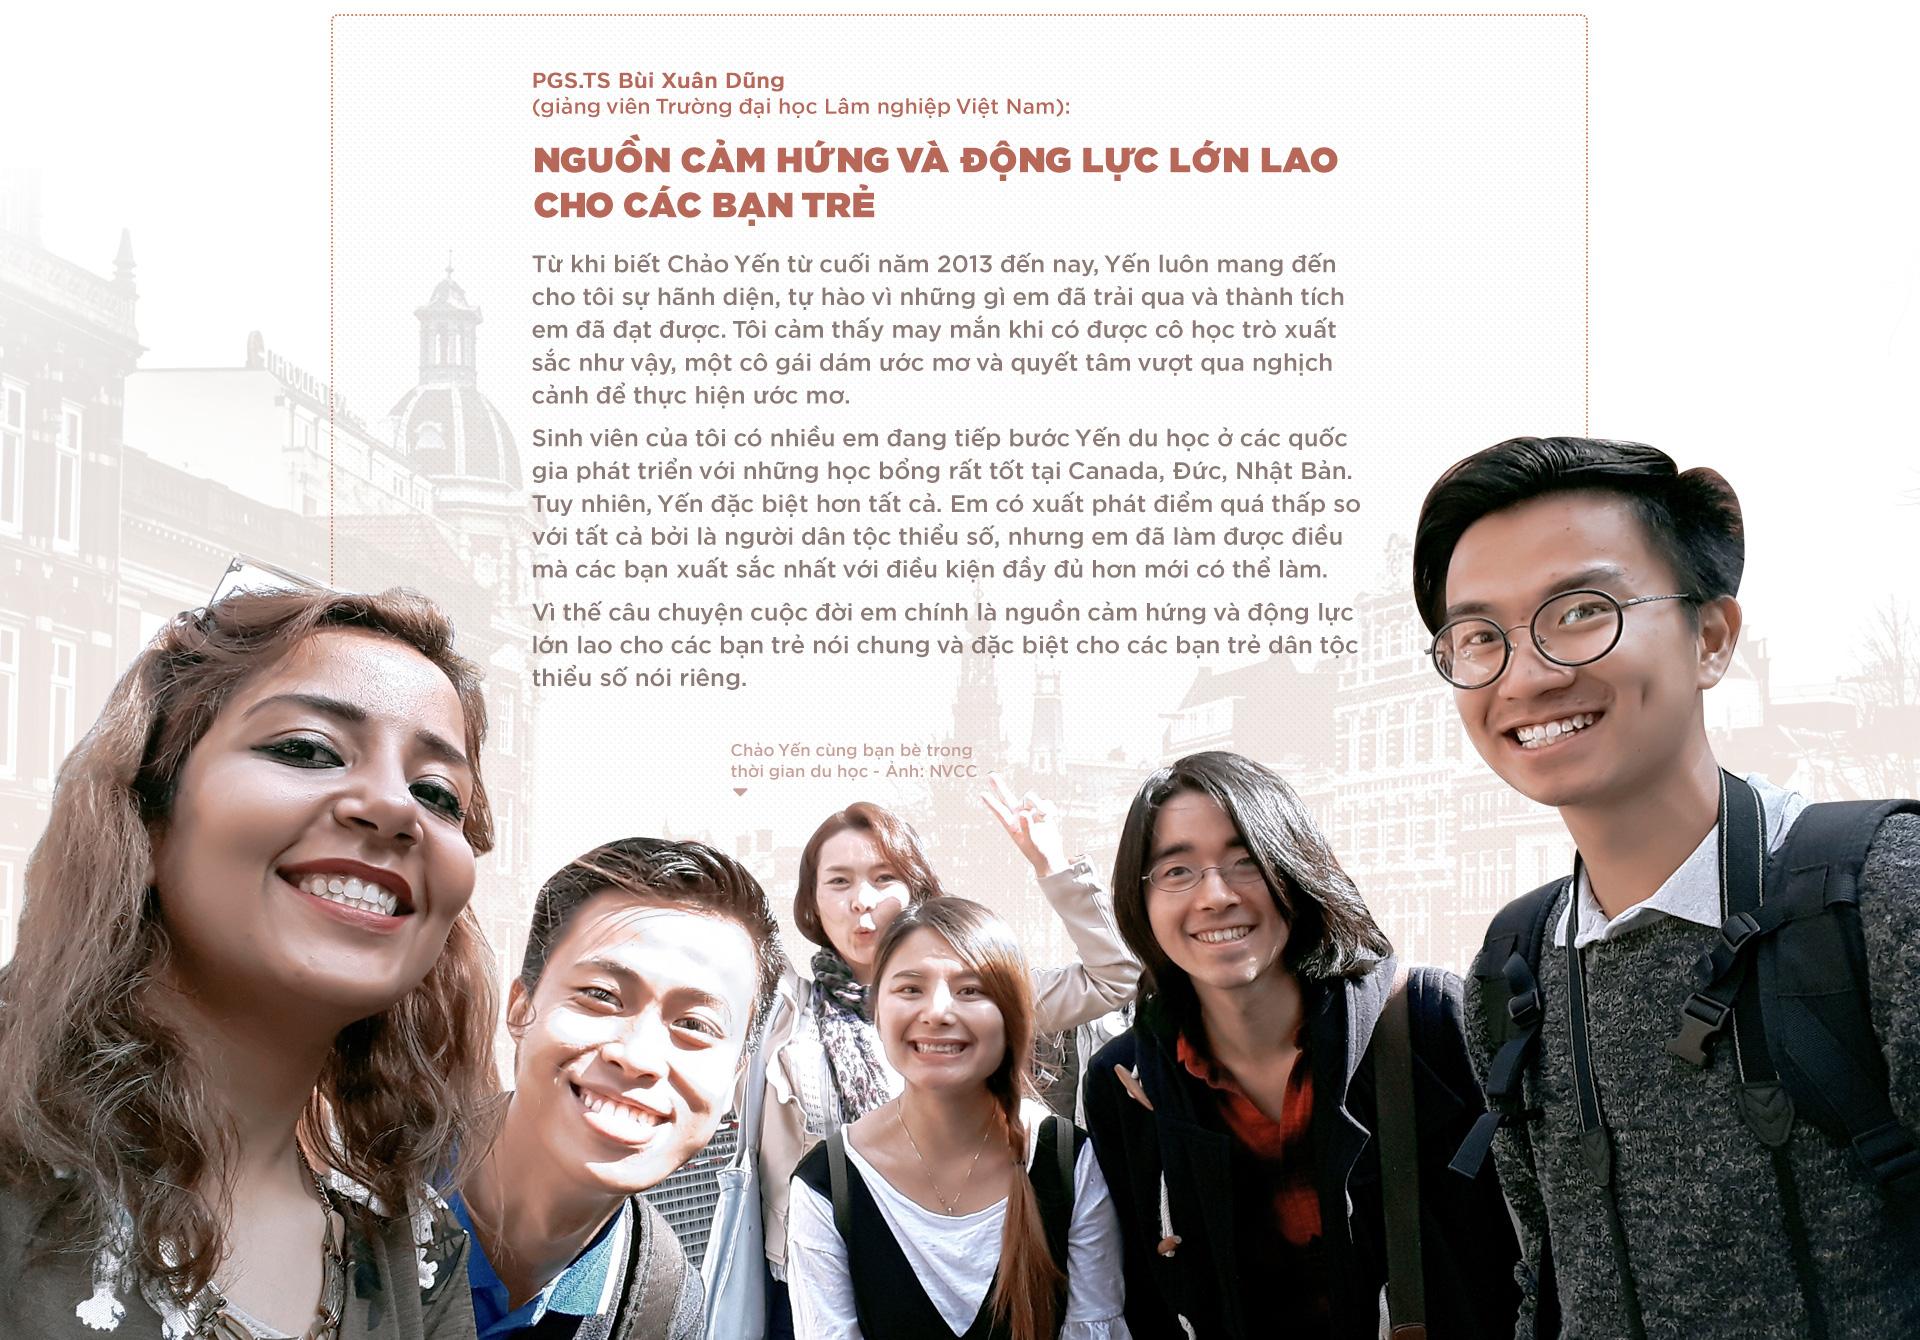 Chảo Yến: Từ bản người Dao đến học bổng châu Âu - Ảnh 8.